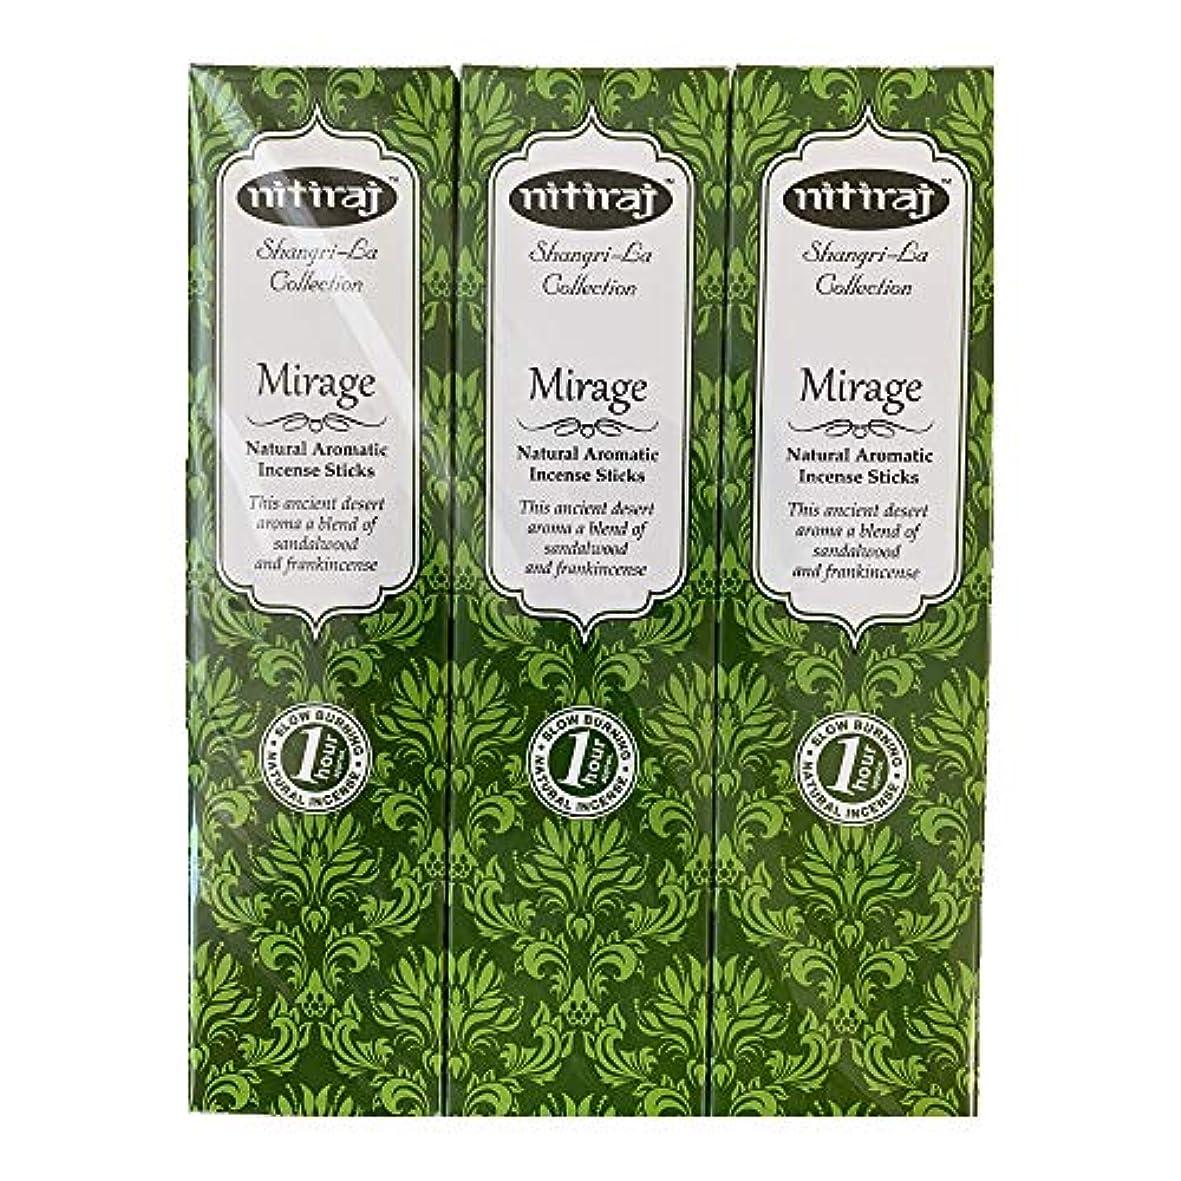 衣服元の電気技師お香 アロマインセンス Nitiraj(ニティラジ)Mirage(蜃気楼) 3箱セット(30本/1箱10本入り)100%天然素材